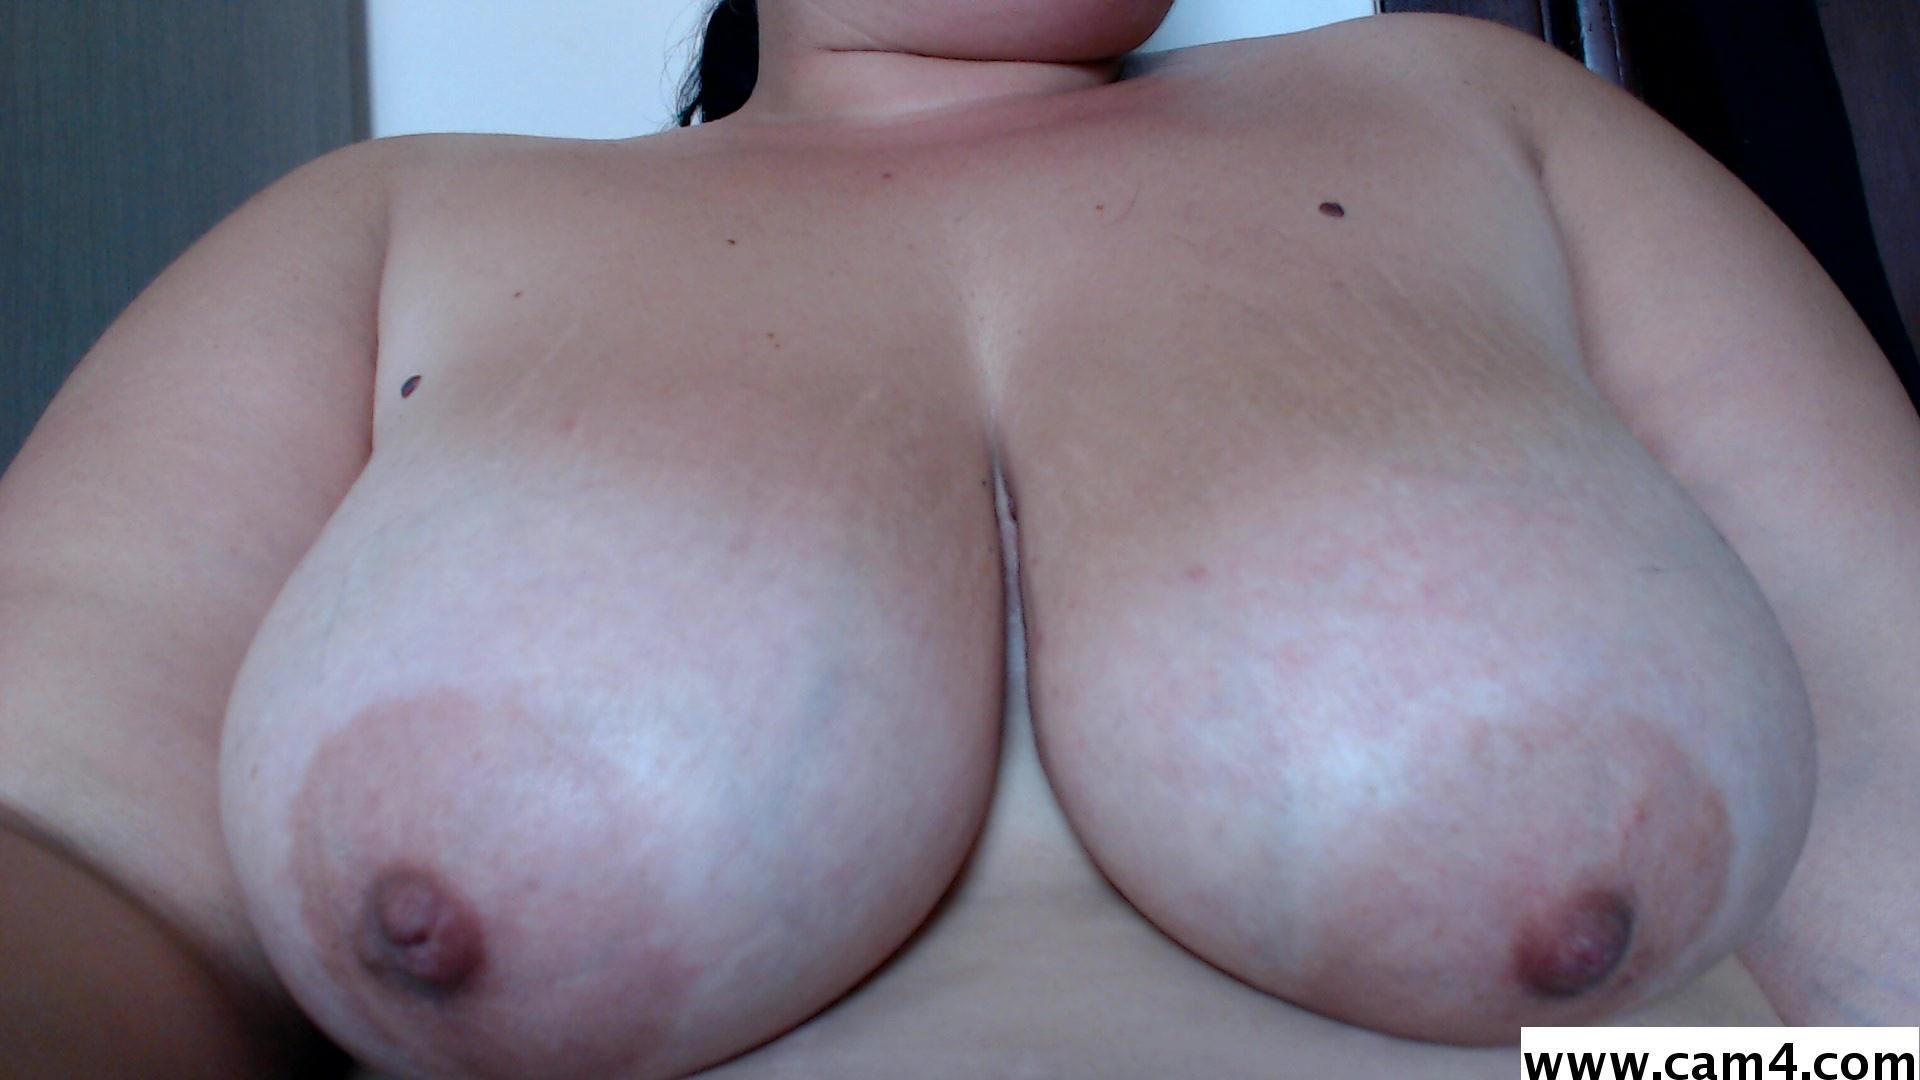 Eroticjessi?s=dxjxpwdu+gpuqmmp3v3ebp6sxxb4s308zwnn2yj7dgu=